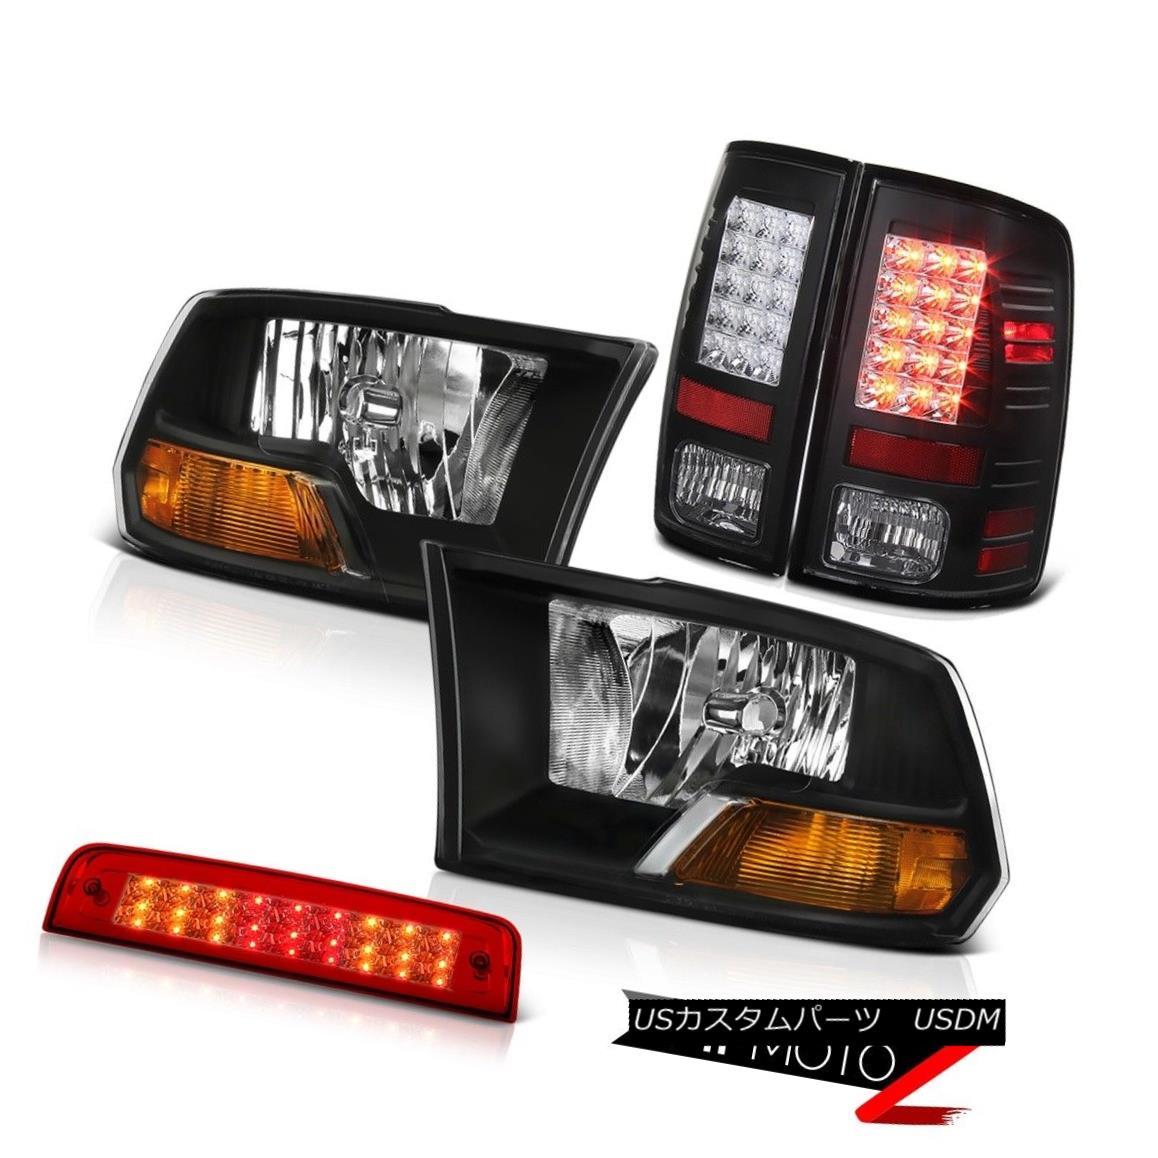 テールライト 09-18 Ram 1500 5.7L Wine Red High Stop Light Taillamps Headlights Replacement 09-18ラム1500 5.7Lワインレッドハイストップライトトライアングルヘッドライト交換